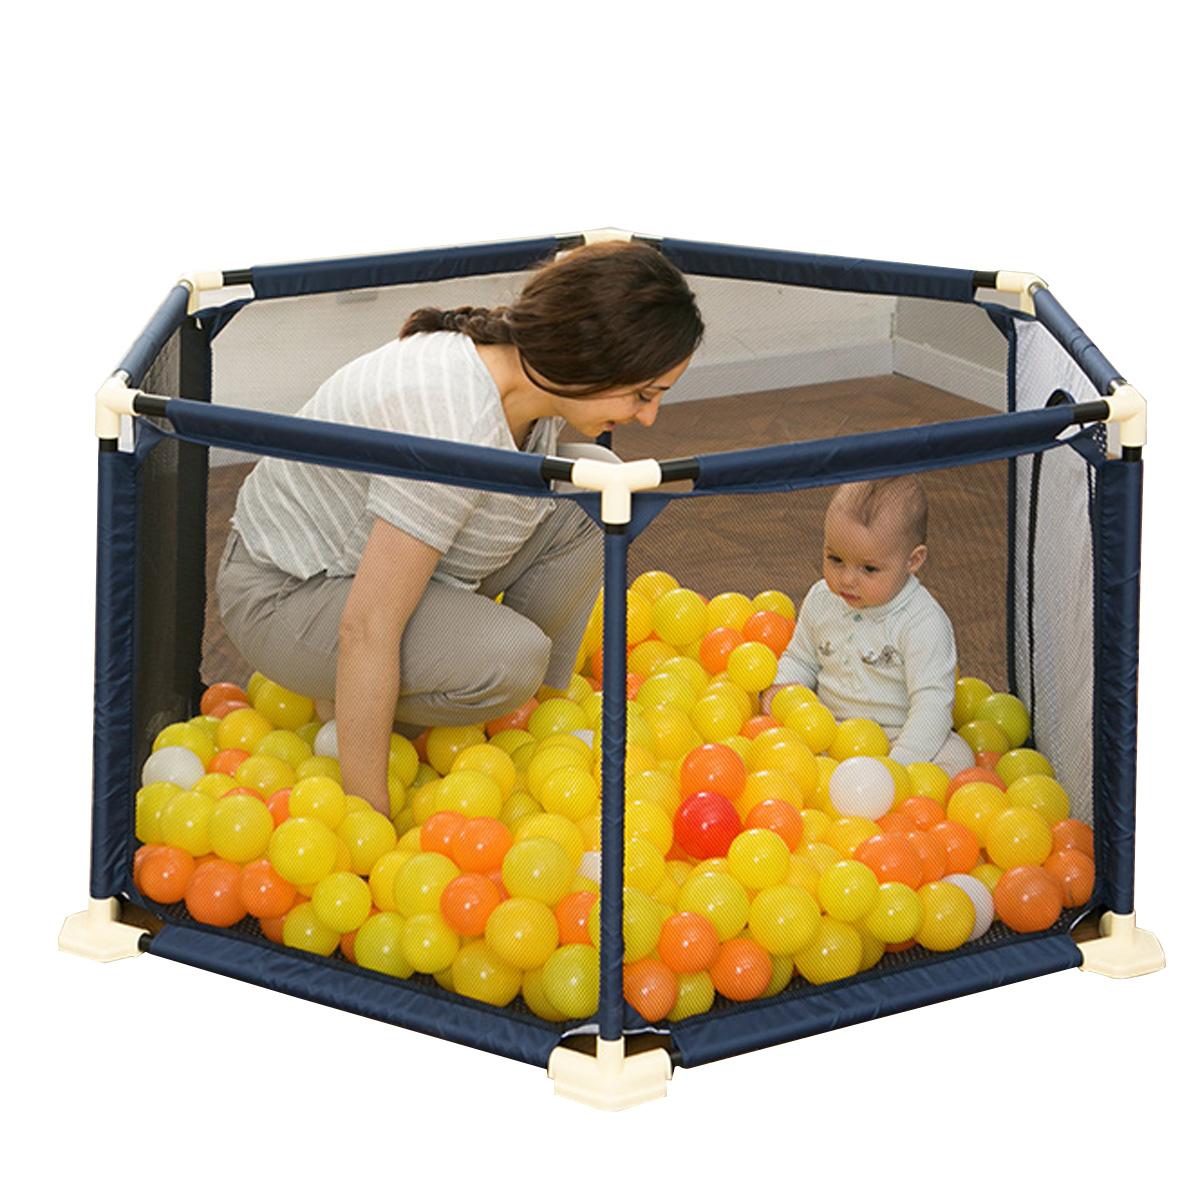 Children playpen Safe Crawling Detachable Playpen Bebe Pool Set Child Safety Fence for Babies Playpen Baby Foldable Child Safety Barrier with 10 Ball